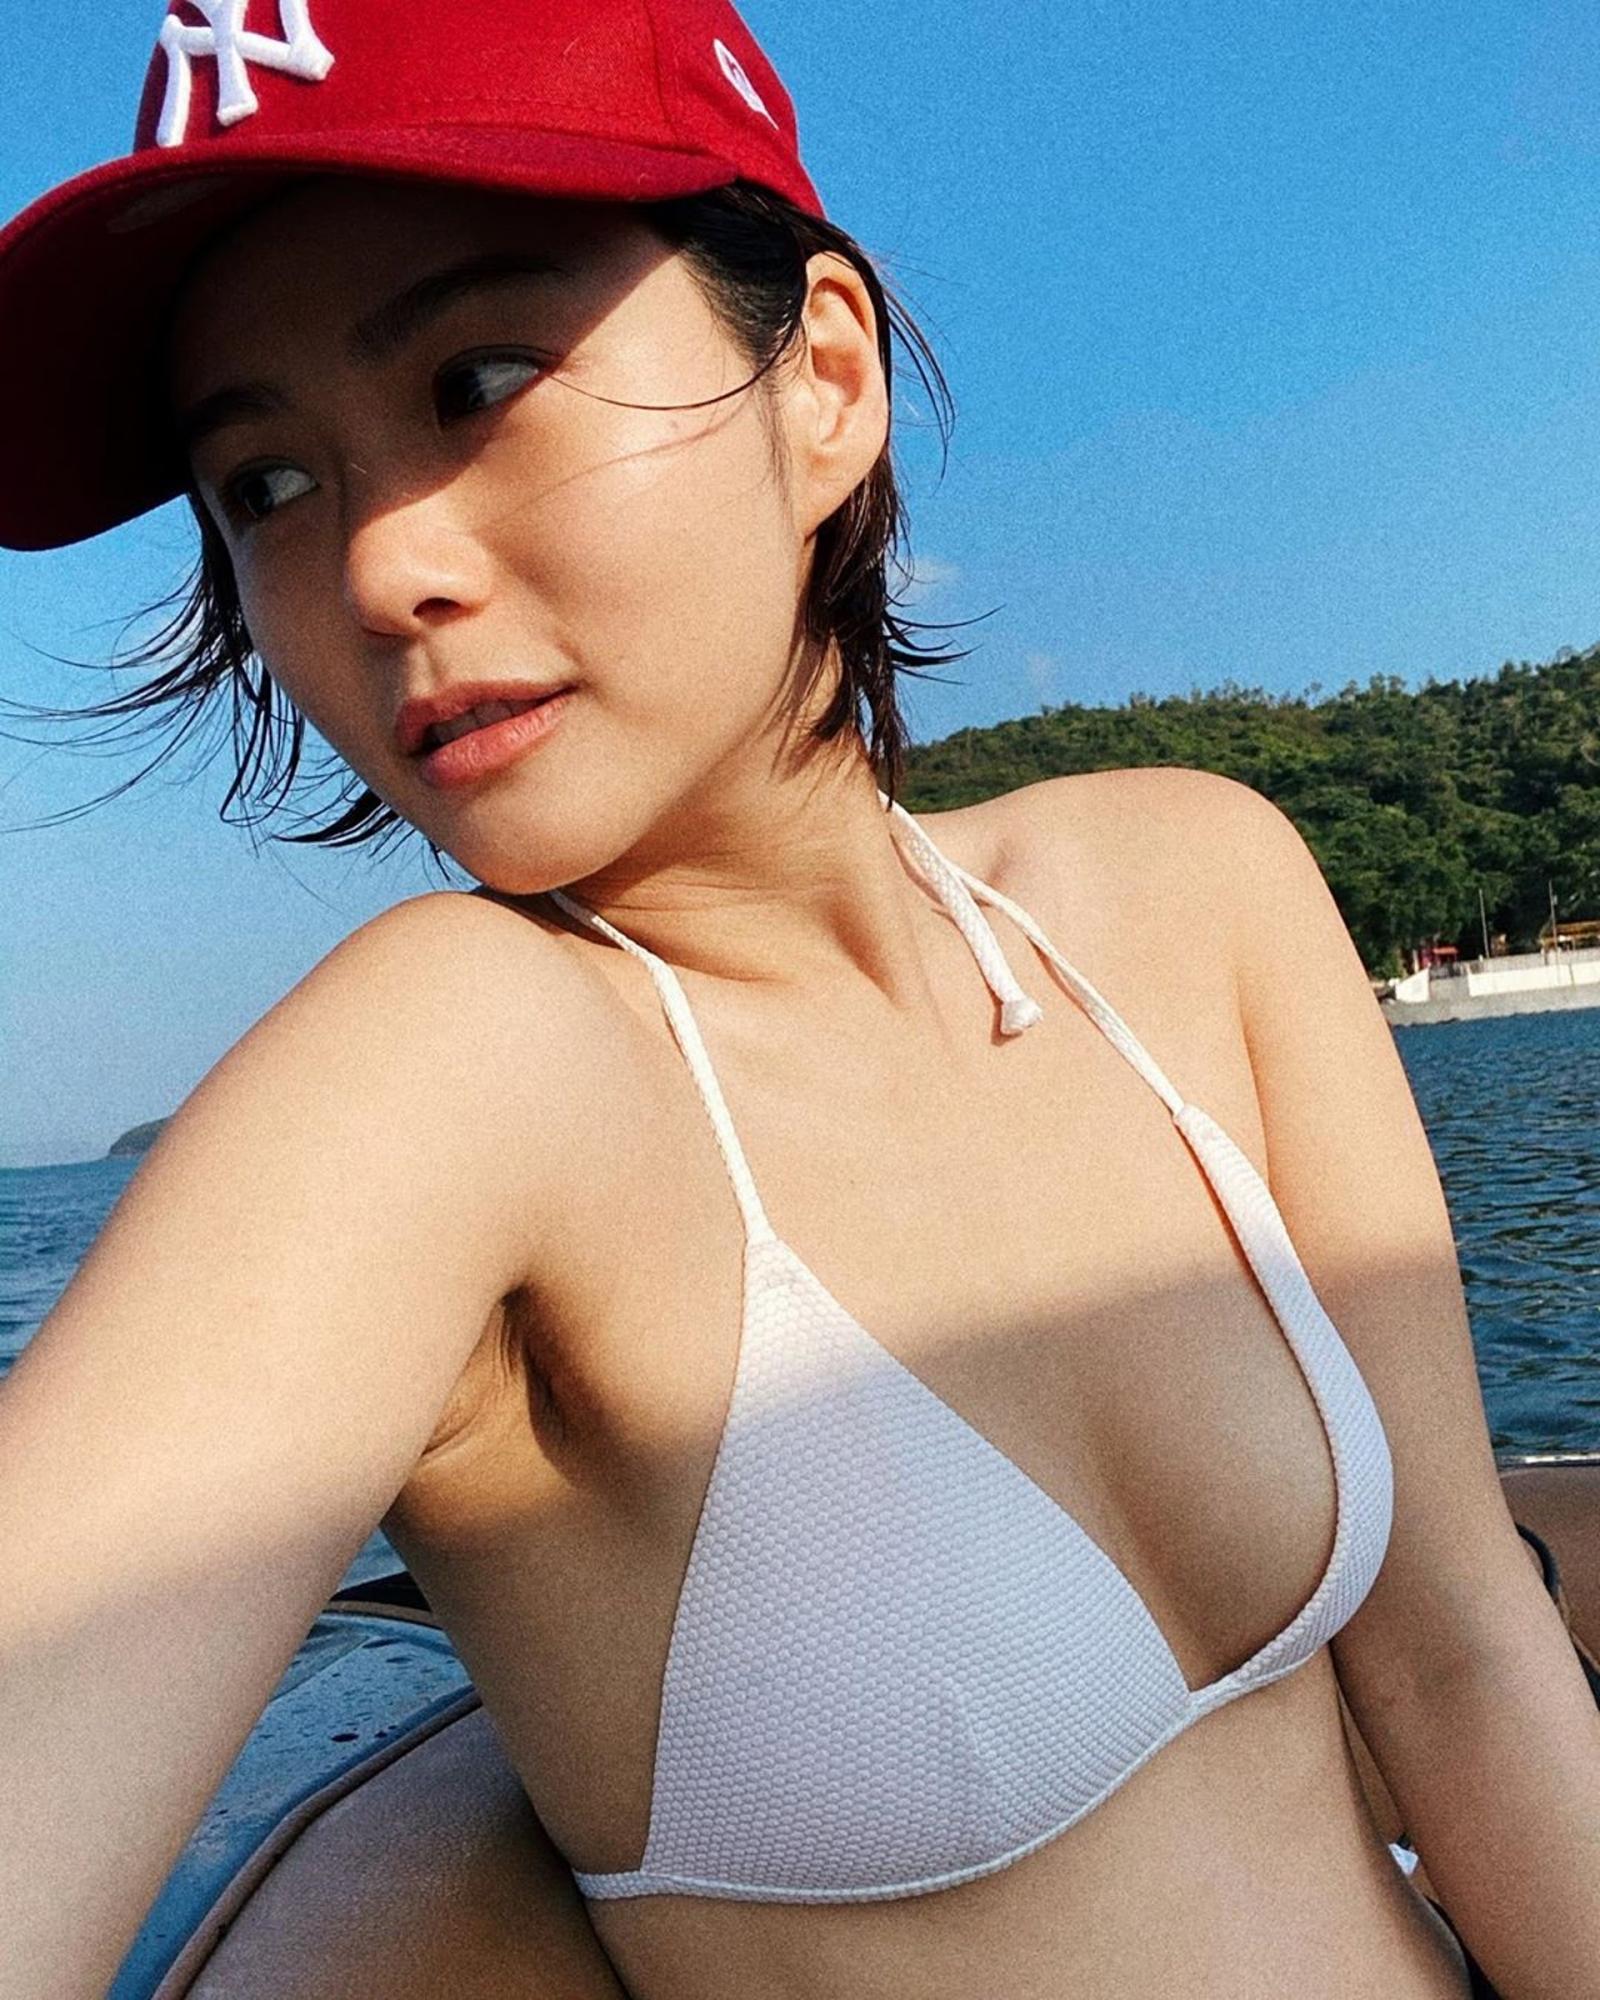 香港疫情之下,「股(屁股)價」不跌反升~方泳琳 - 亞洲美女 -